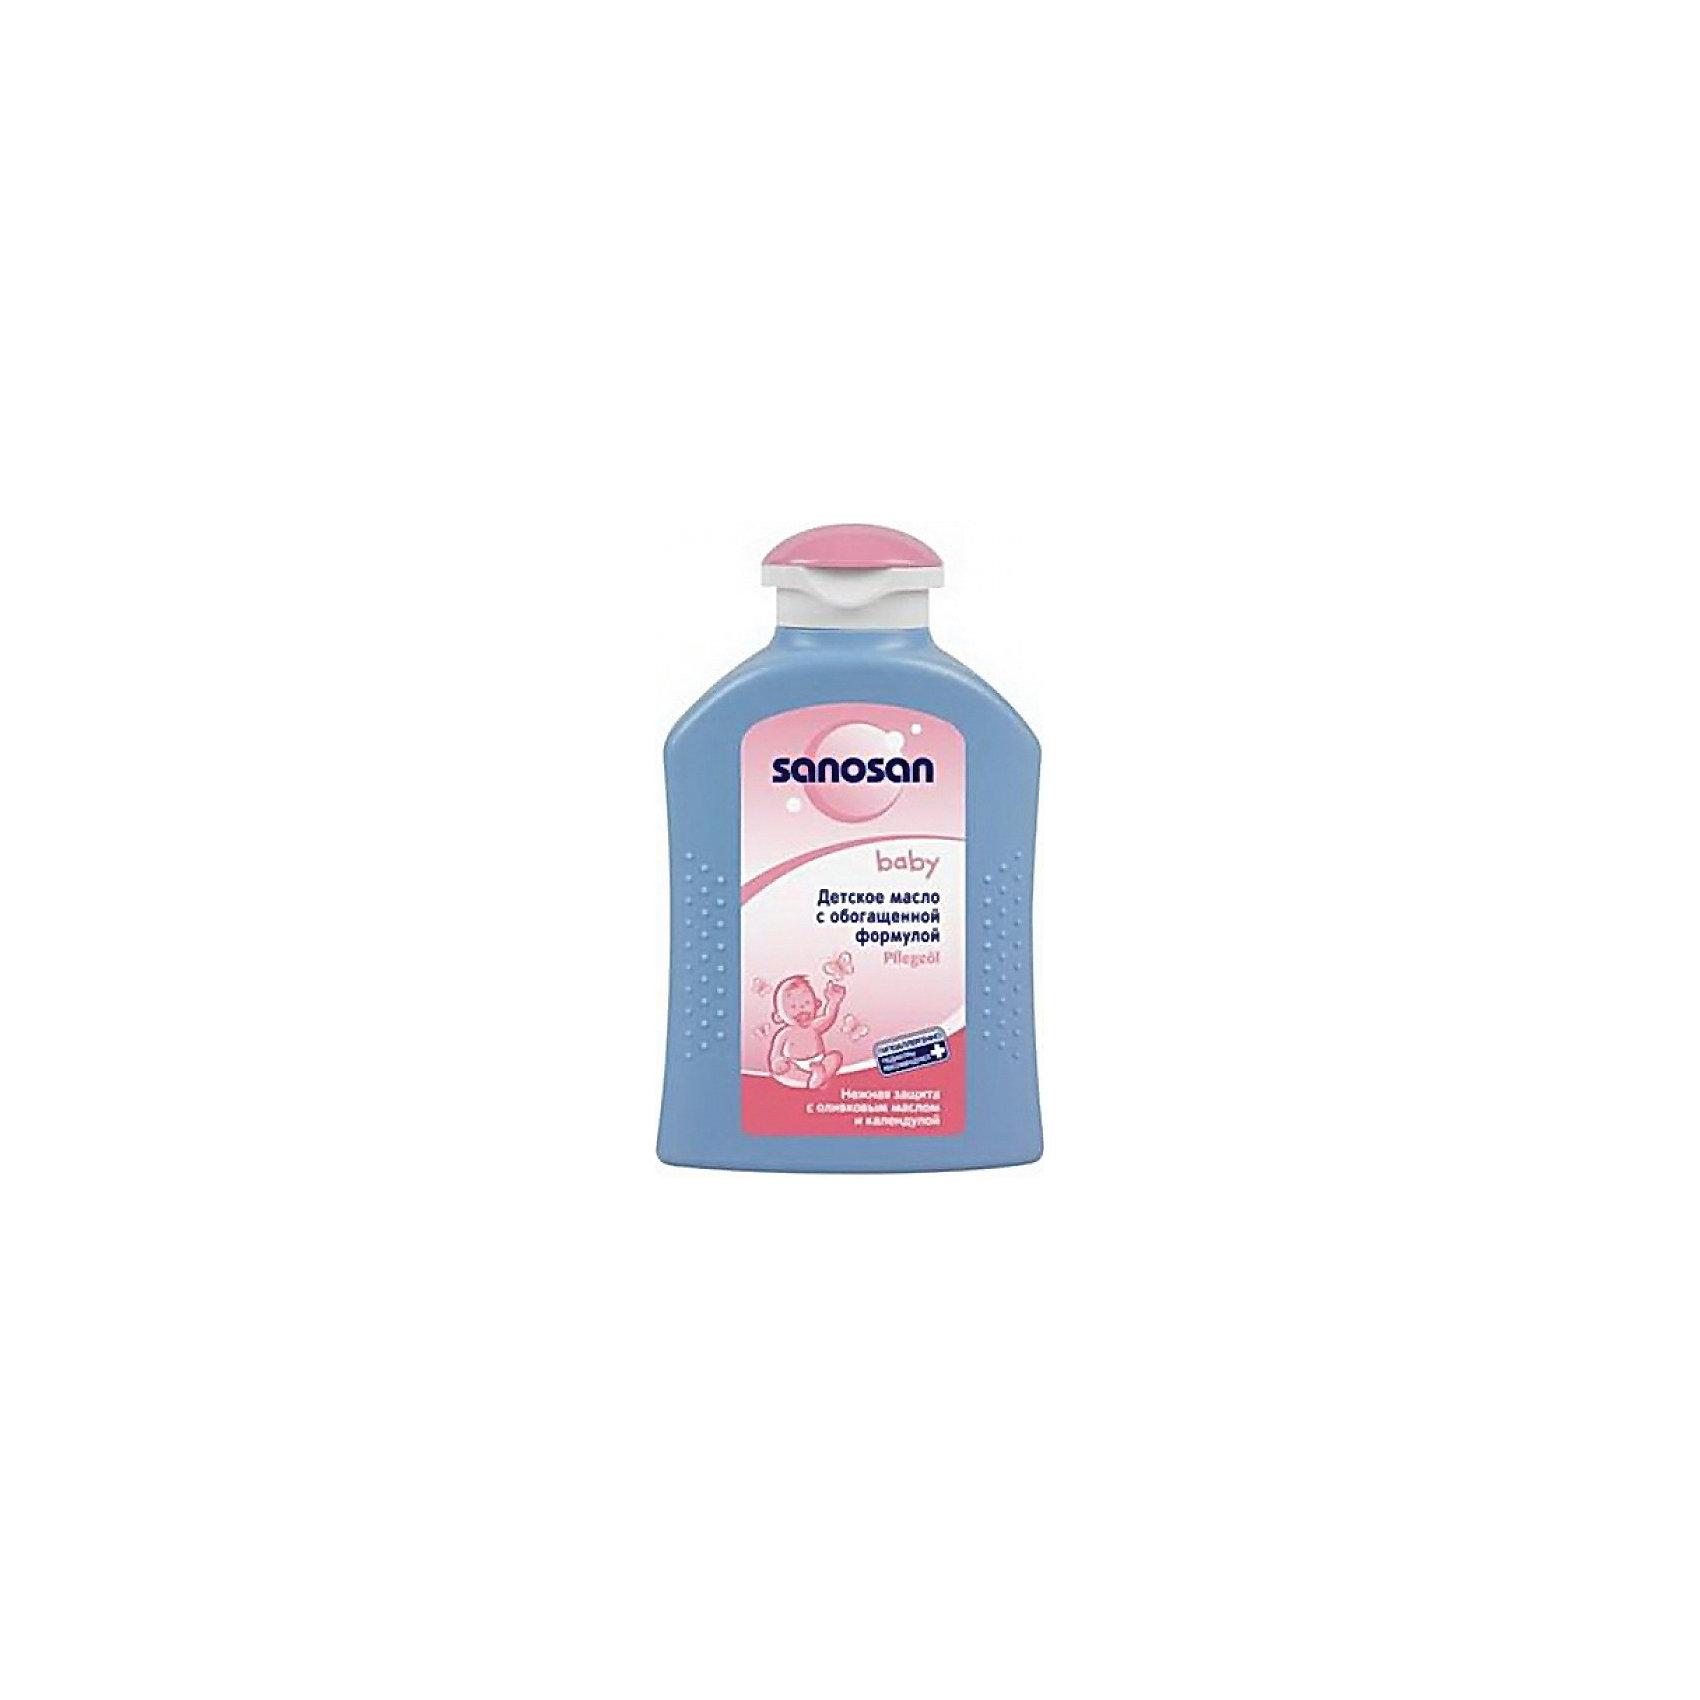 Детское масло с обогащённой формулой, Sanosan, 200 мл